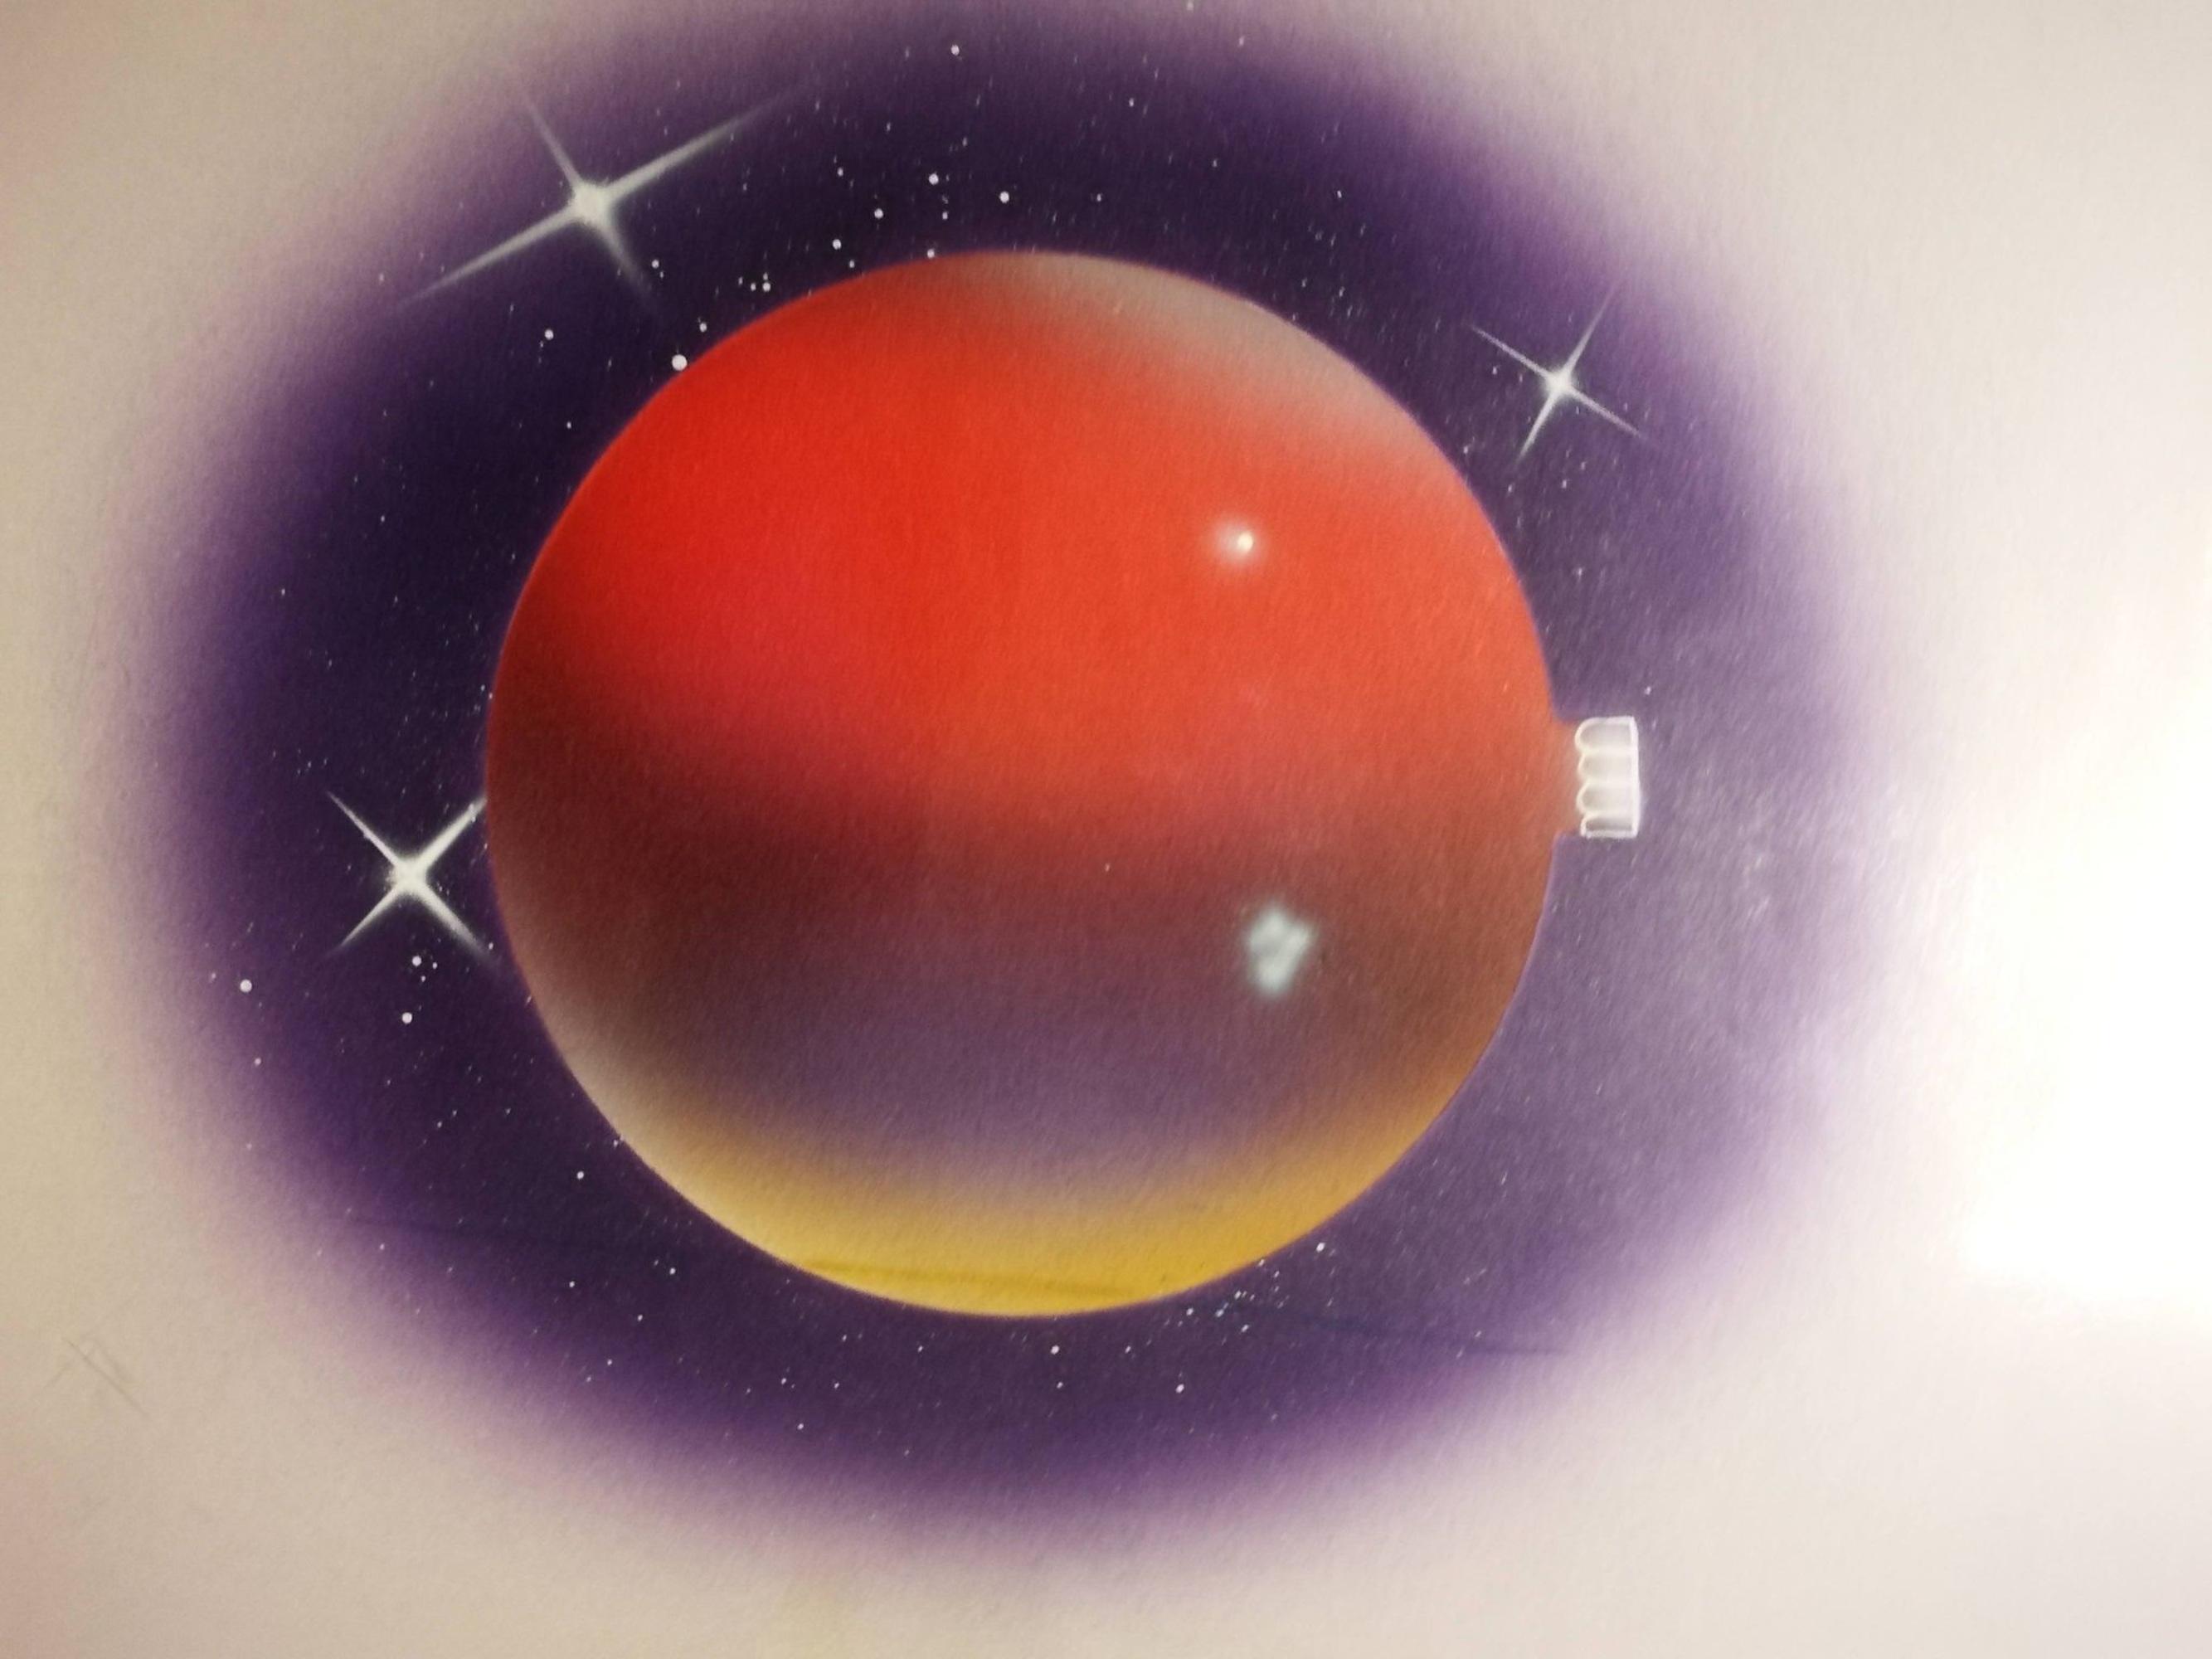 L'Angolo di Marta Lock: La tecnica dell'Aerografia di Harald Wiesner, in bilico tra Astrattismo Geom